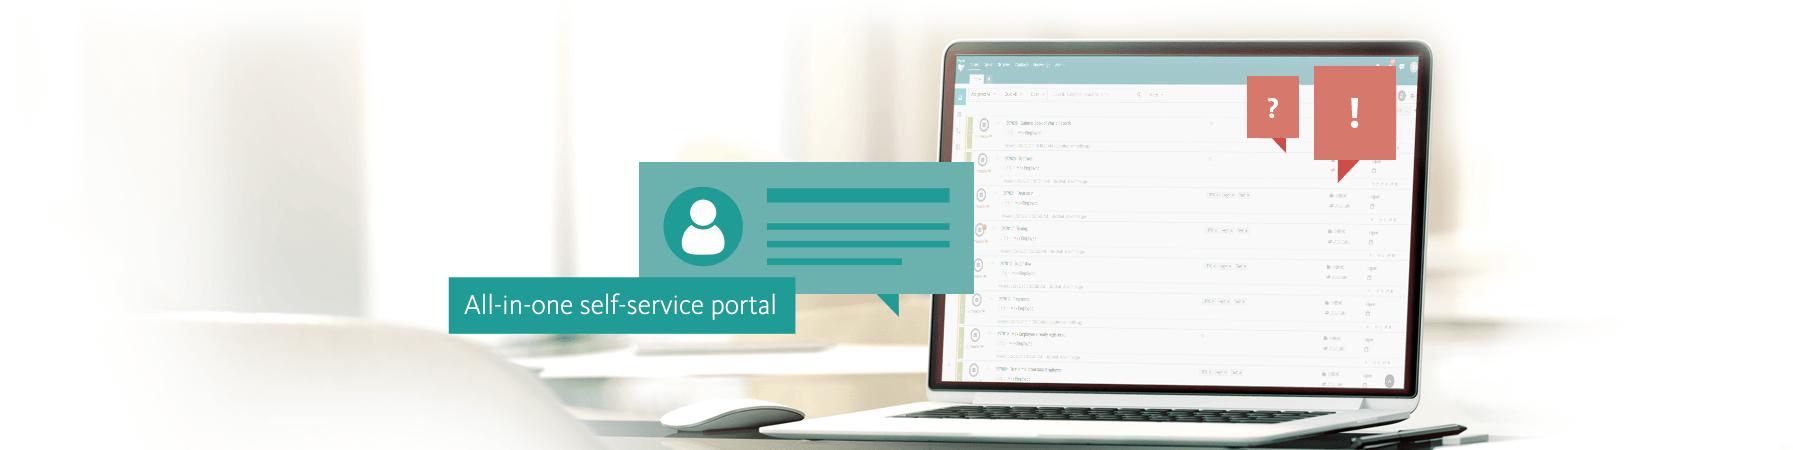 AI Based Self Service Portal